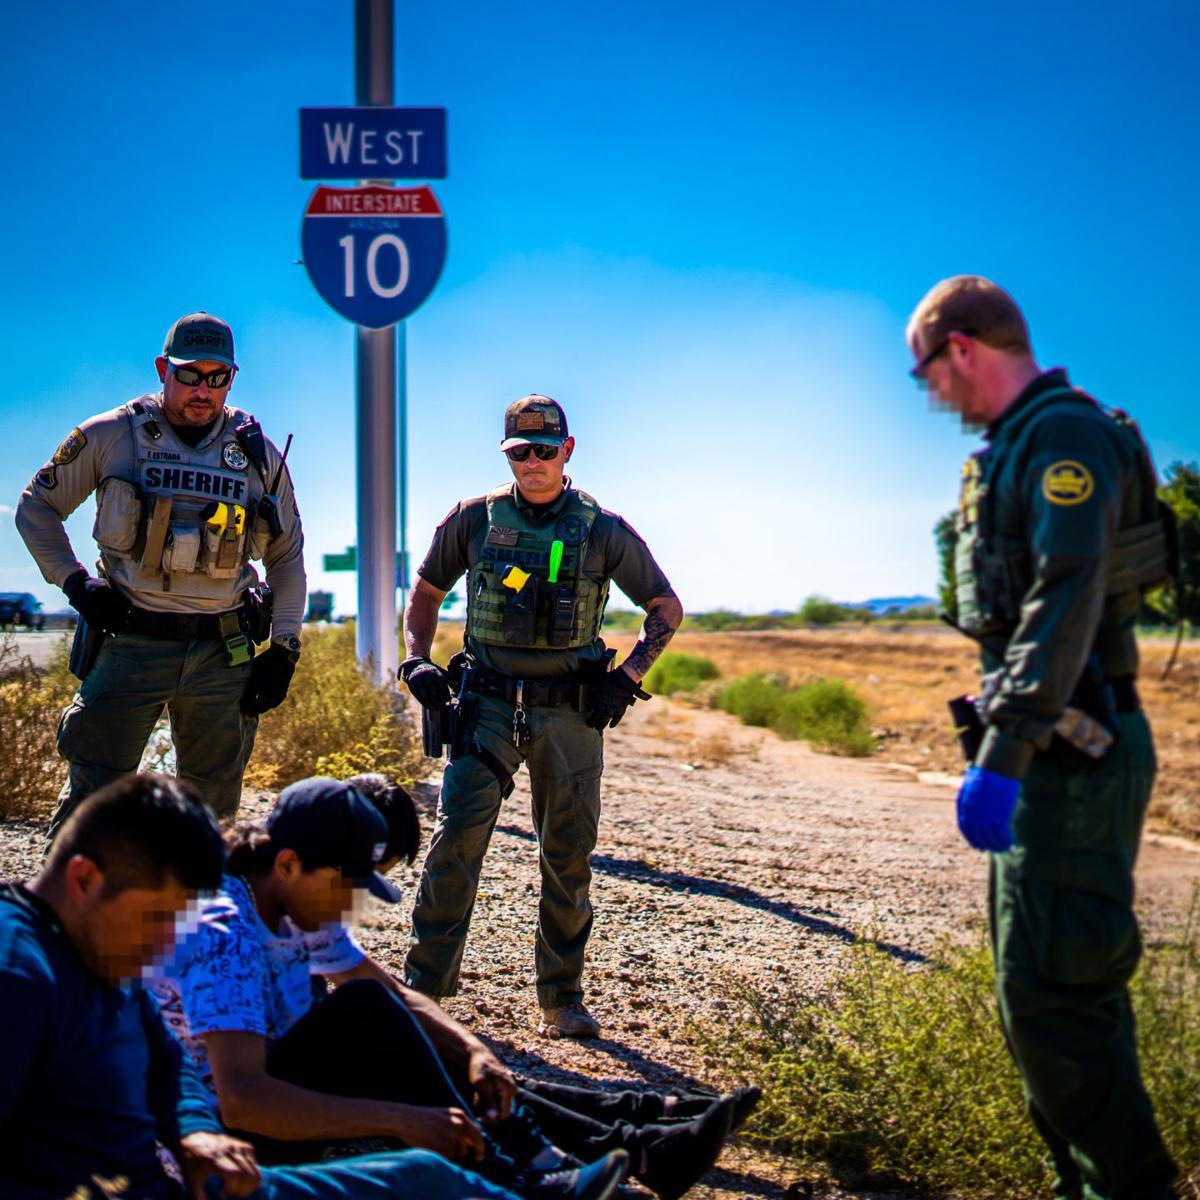 Human smuggling on I-10